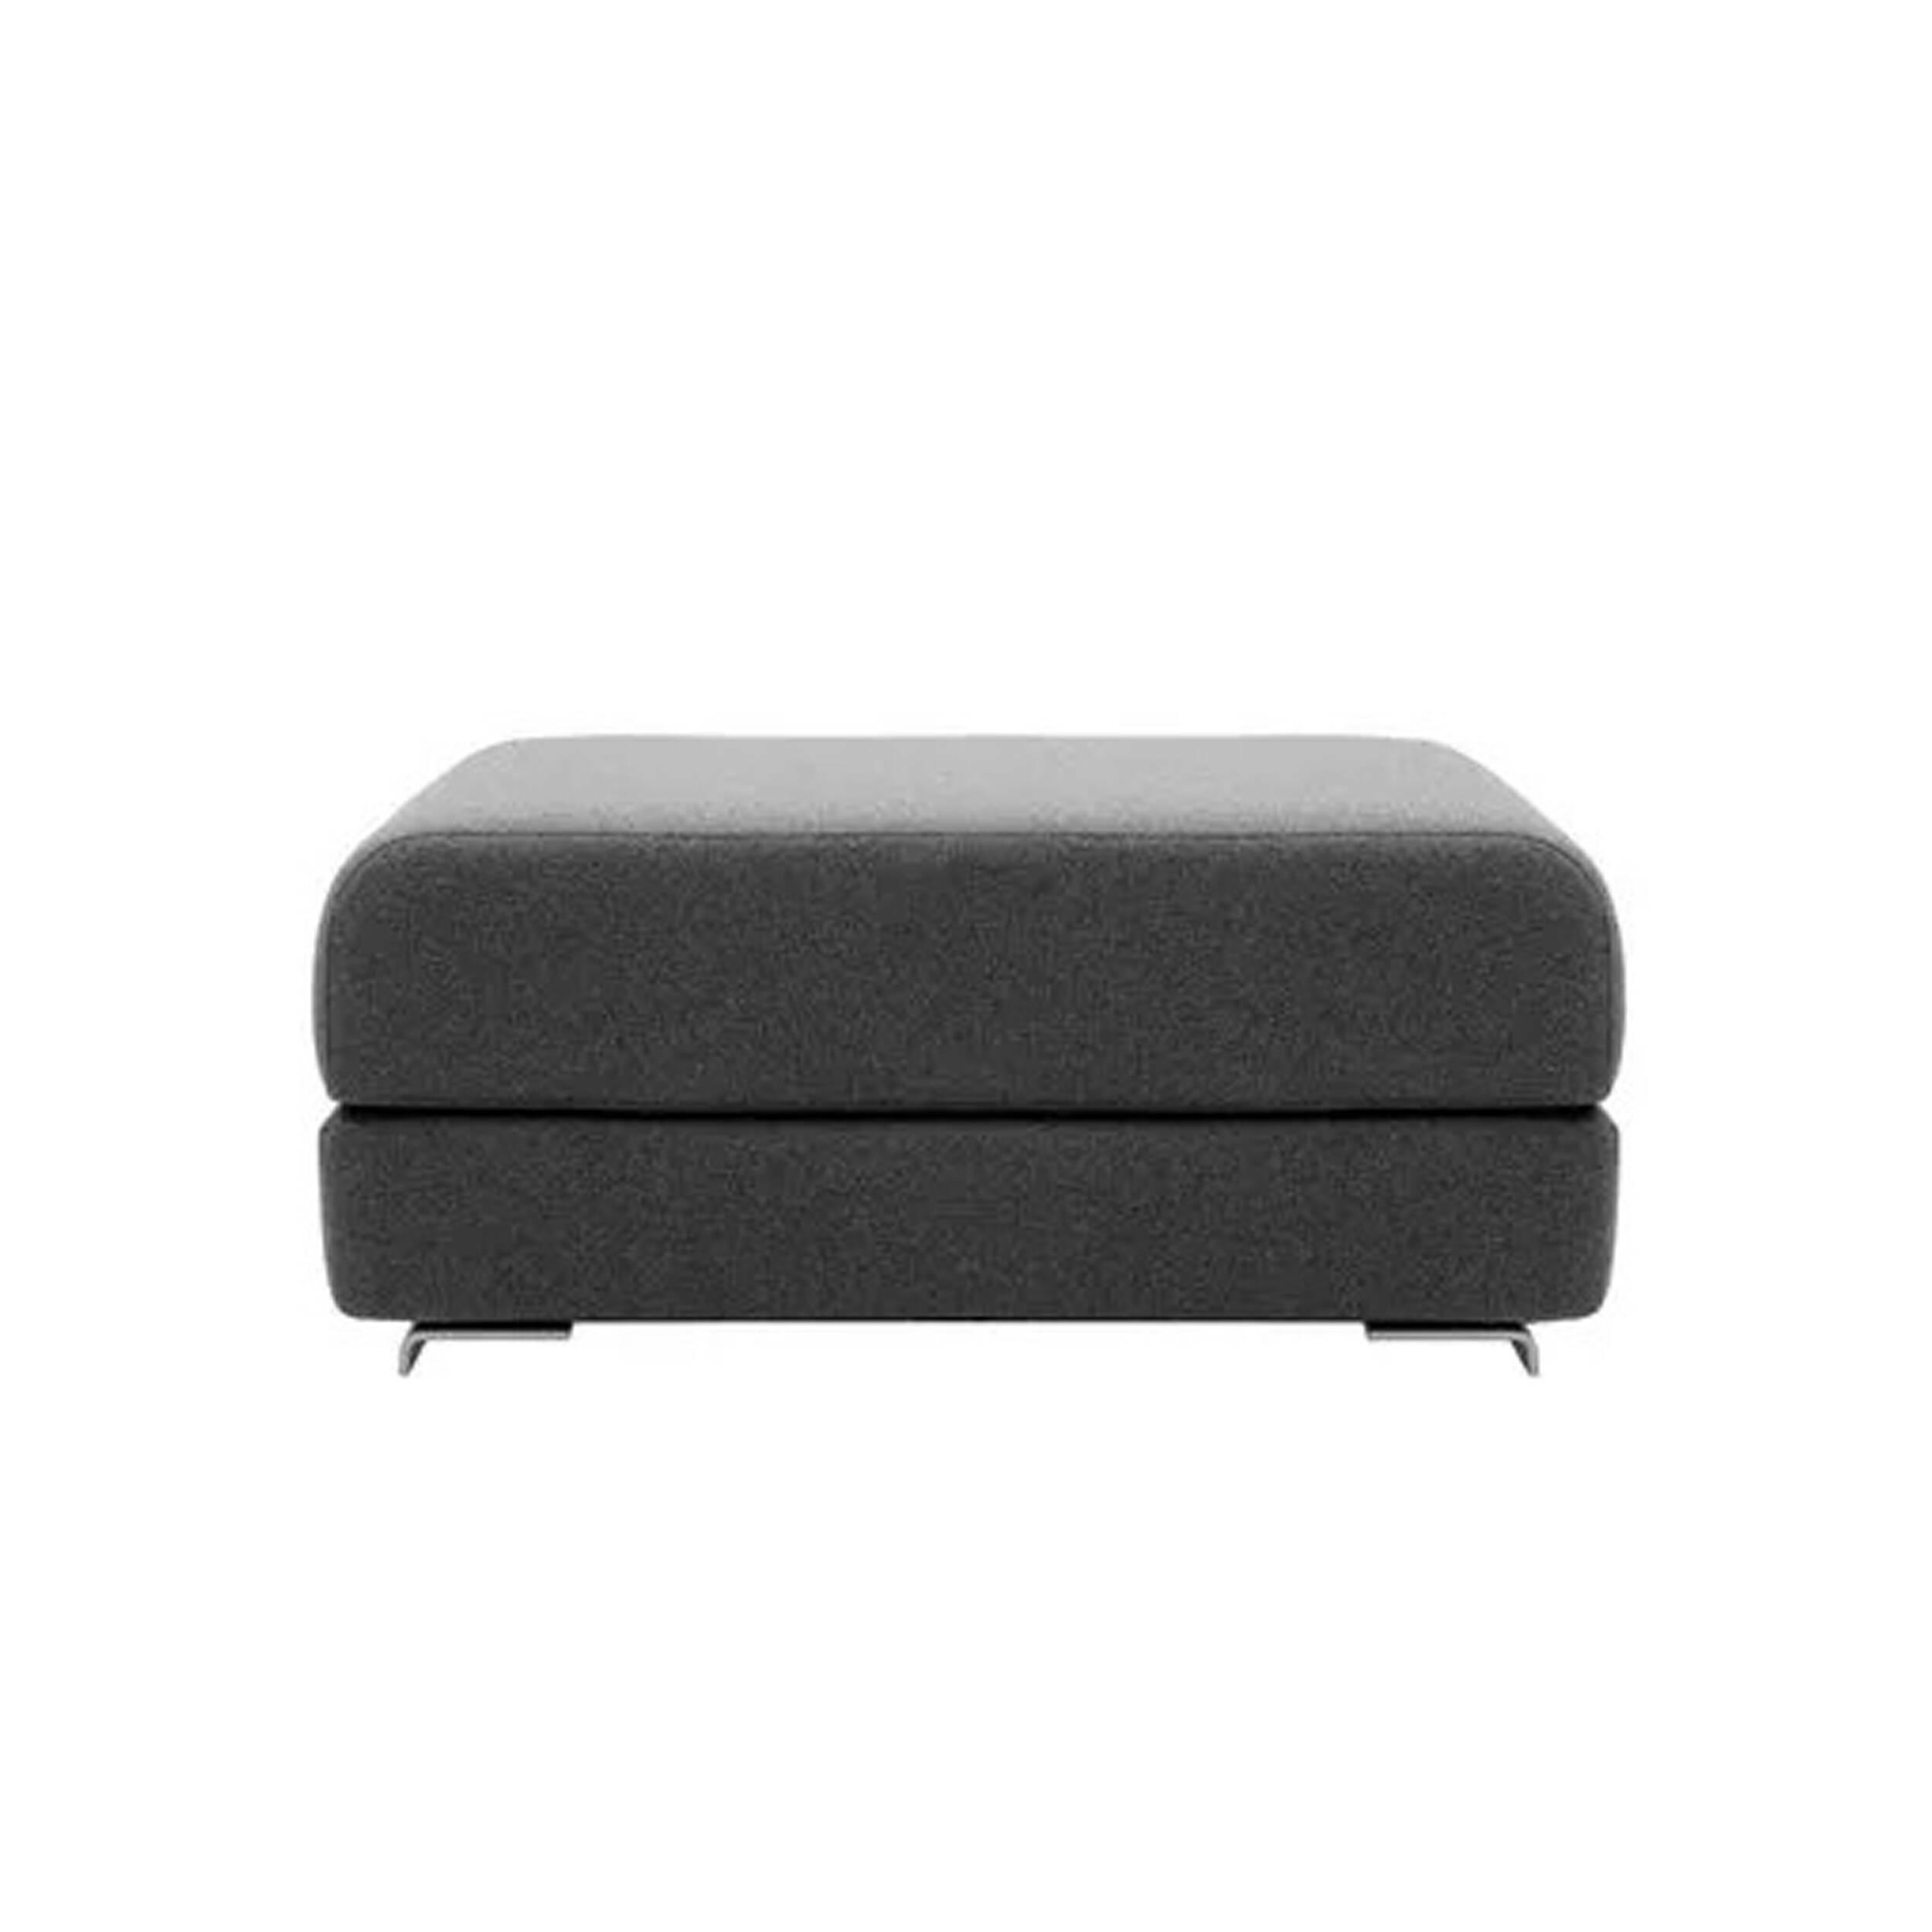 Пуф LoungeПуфы и оттоманки<br>Минималистичный интерьер предполагает не только отсутствие лишних деталей и элементов декора, но и мебель лаконичной формы. Однако именно такая мягкая мебель, как пуфы, способна украсить общую обстановку комнаты и сделать ее в разы уютнее и теплее. Пуф Lounge можно отнести сразу к нескольким стилям, например к утонченному и лаконичному японскому стилю или к современному стилю хай-тек. В любом случае благодаря своему универсальному дизайну пуф Lounge будет гармонично смотреться практически...<br><br>stock: 0<br>Высота: 40<br>Ширина: 98<br>Глубина: 75<br>Материал ножек: Алюминий<br>Цвет сидения: Темно-серый<br>Тип материала сидения: Ткань